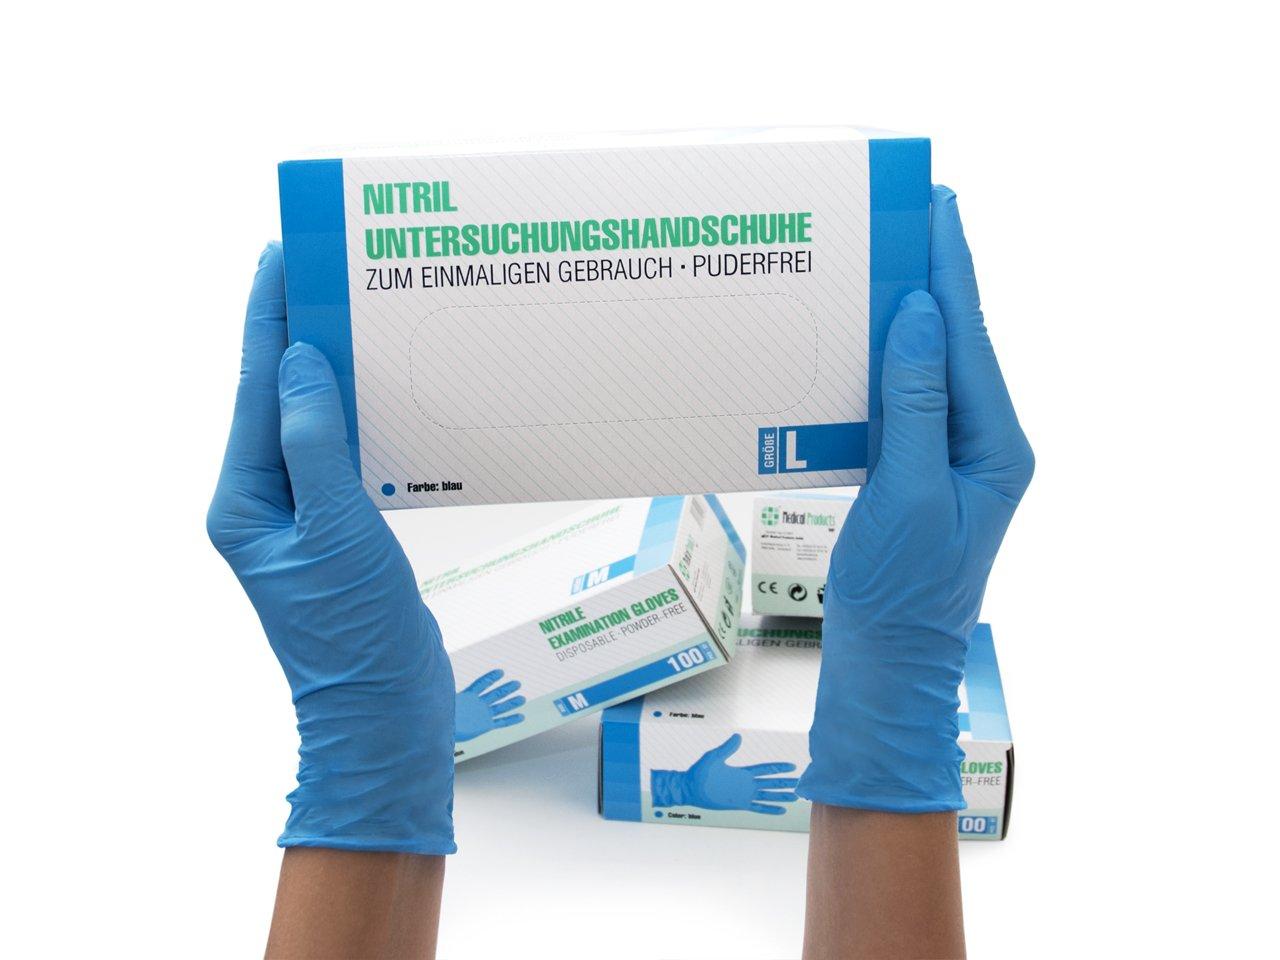 ungepudert Vinyl latexfrei blau medizinische Zwecke f/ür Lebensmittel 100 St/ück in 1 Box Einweghandschuhe transparent